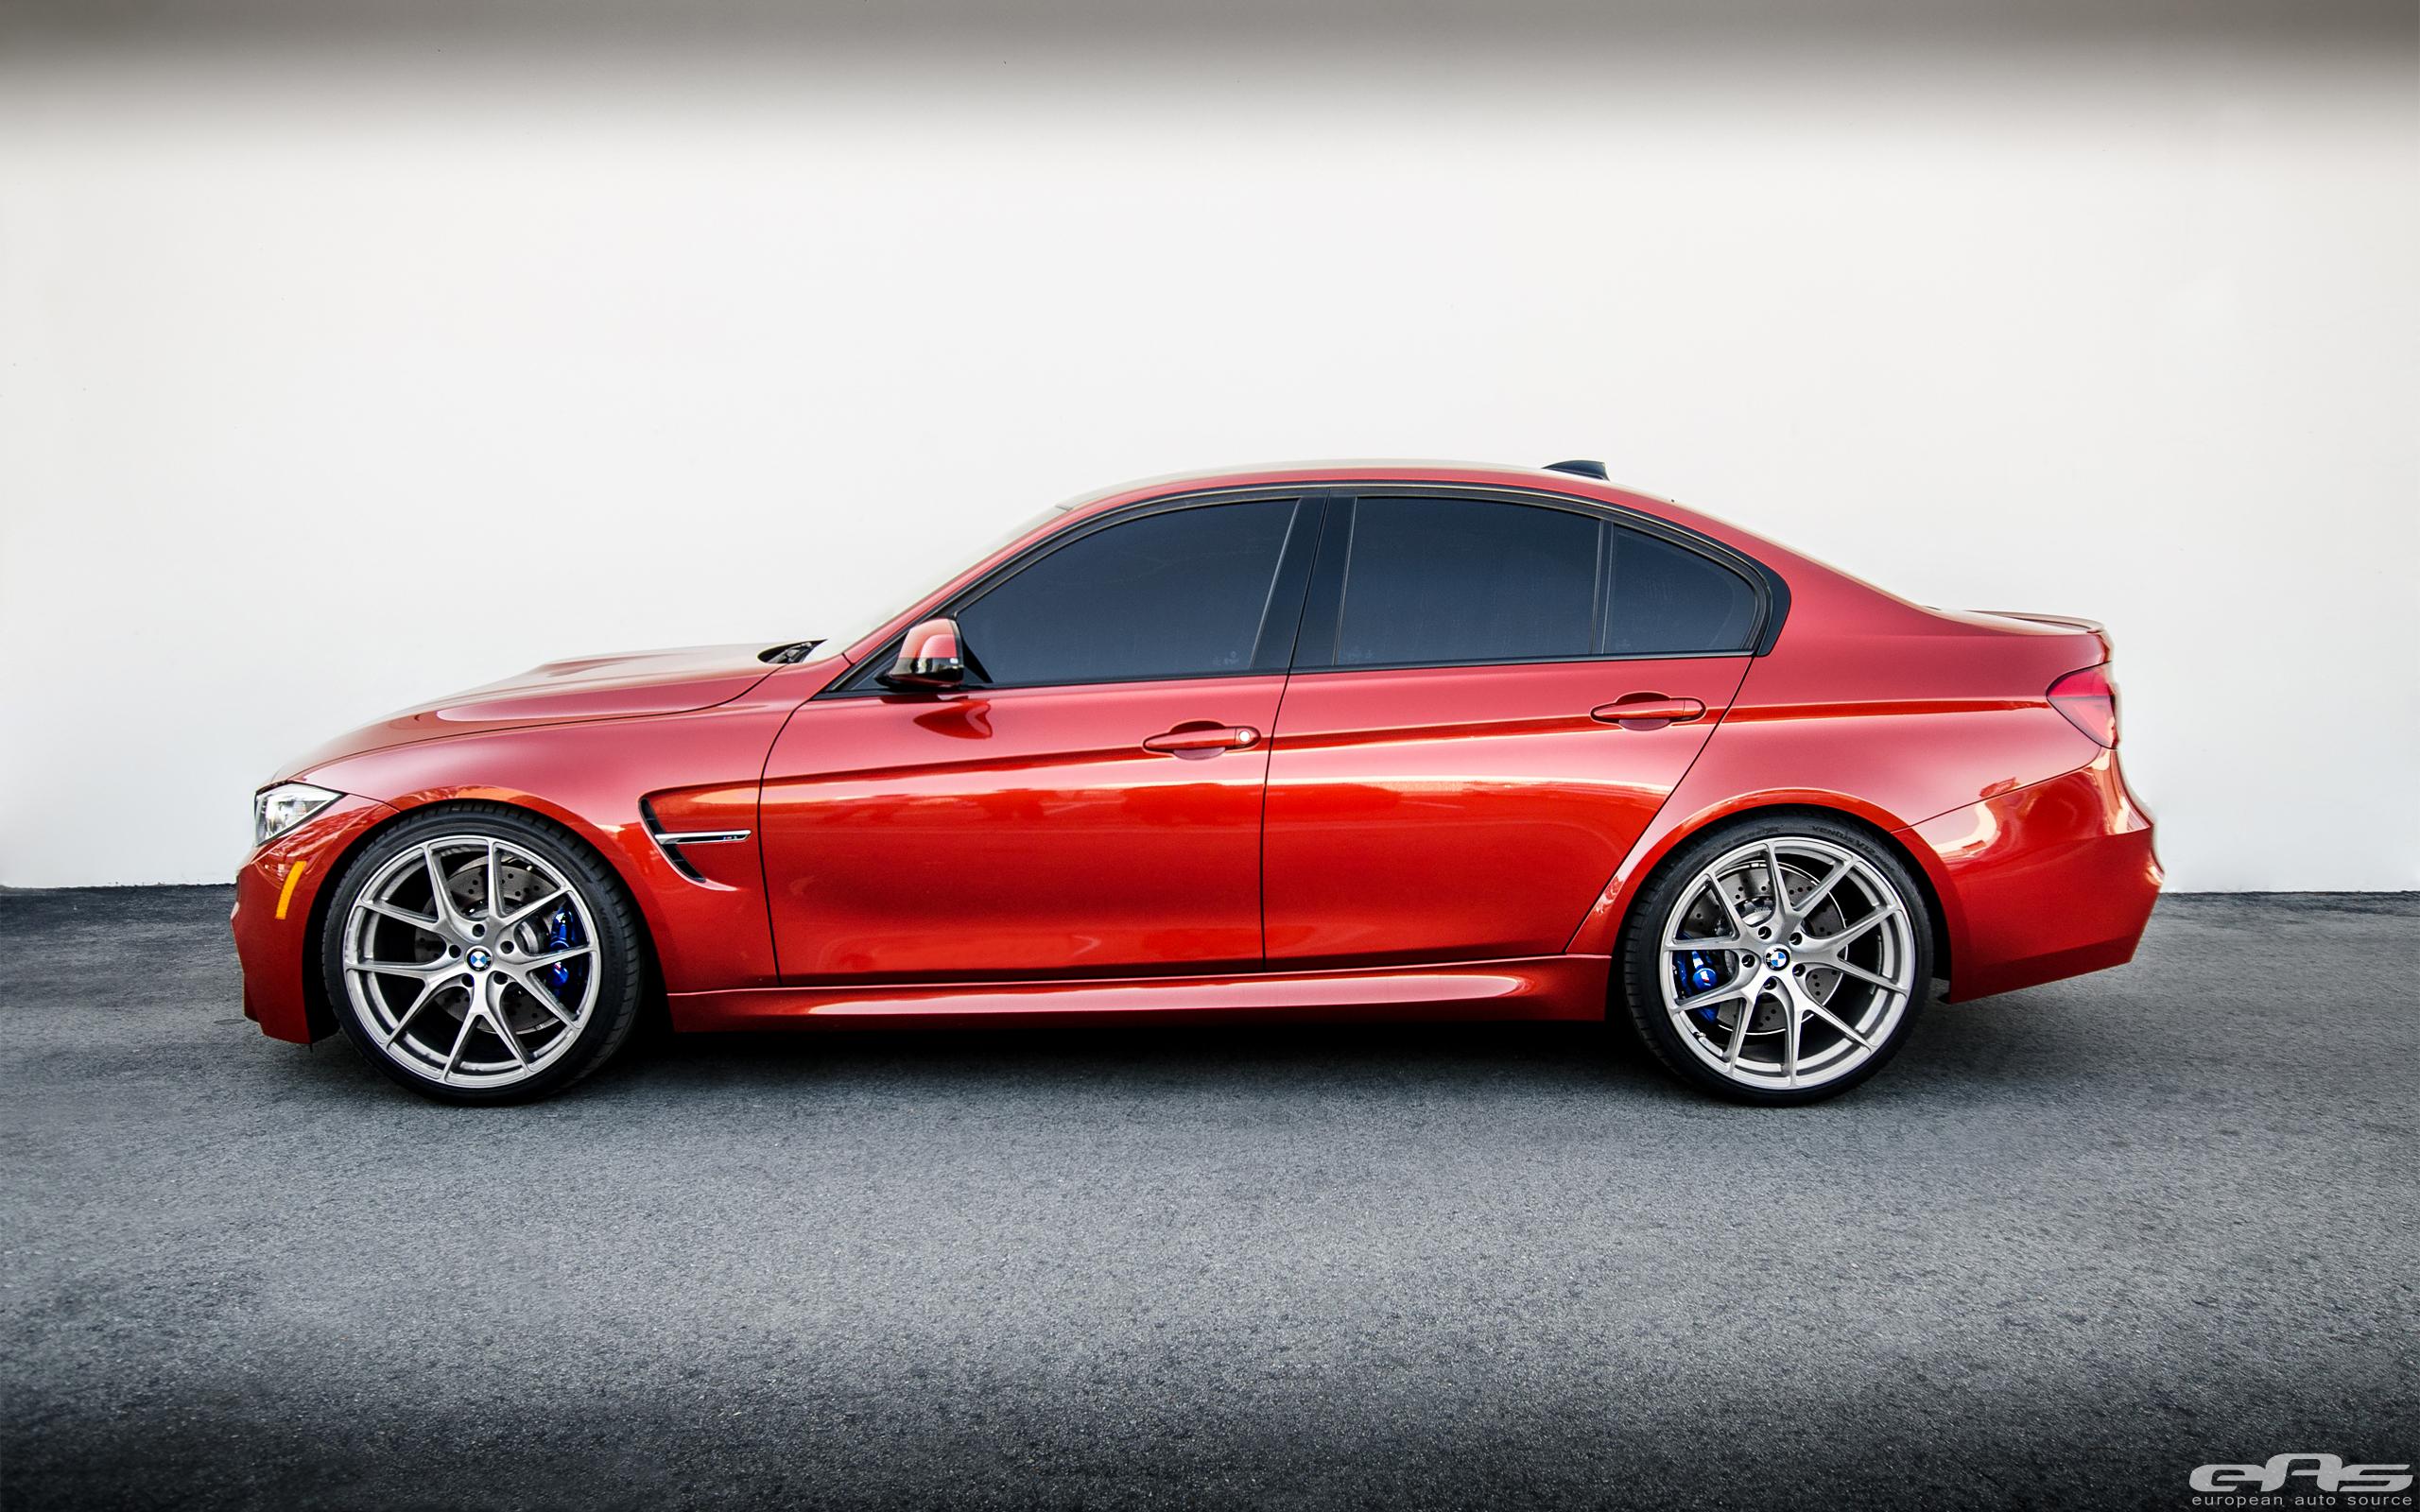 Sakhir Orange BMW M3 Gets Modded At EAS 1